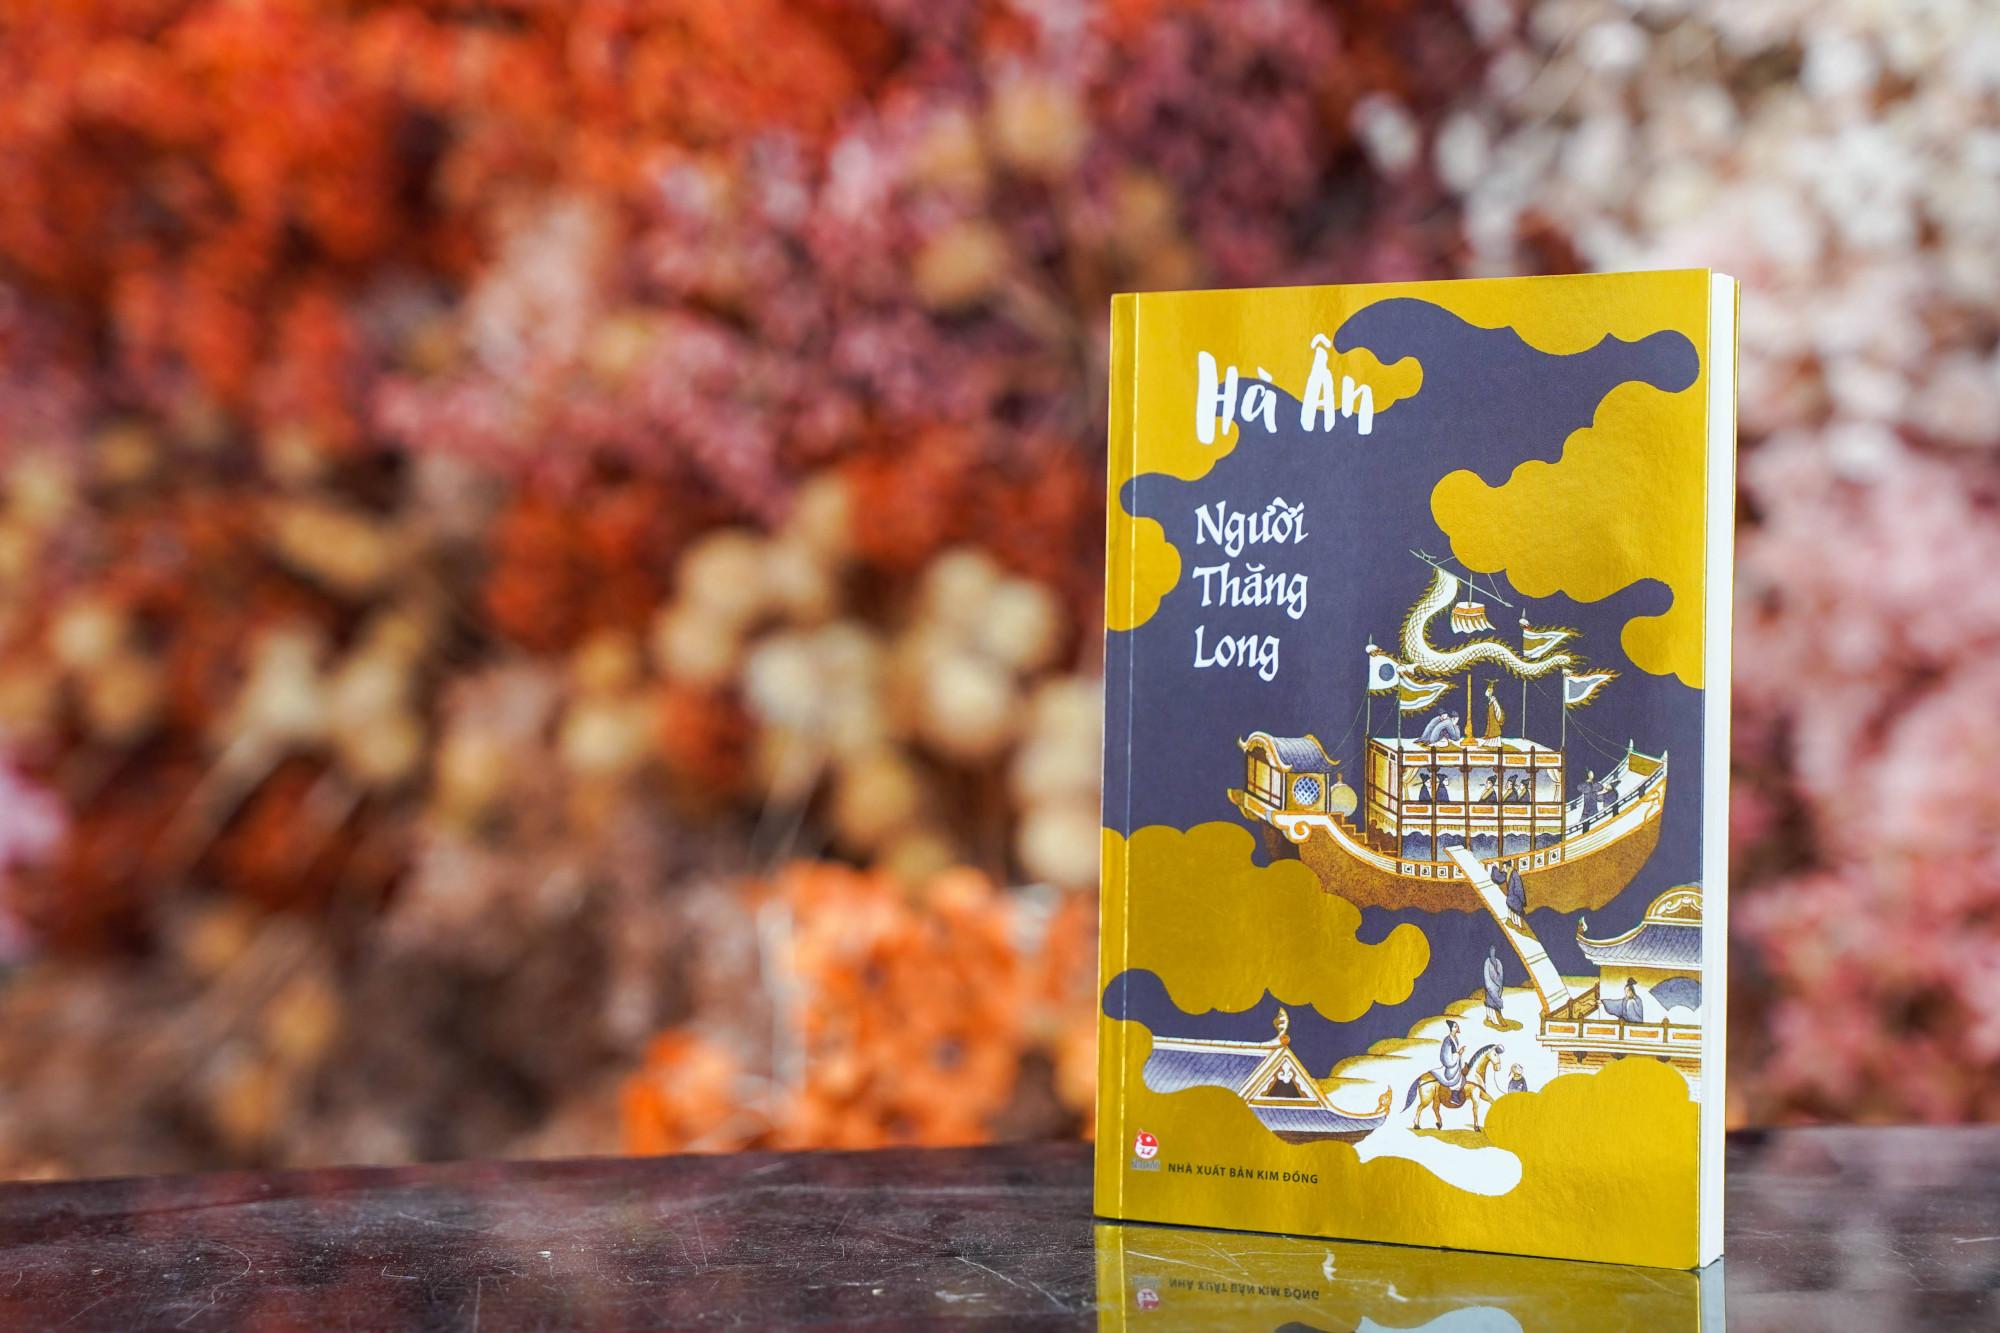 Cuốn Người Thăng Long của nhà văn Hà Ân.